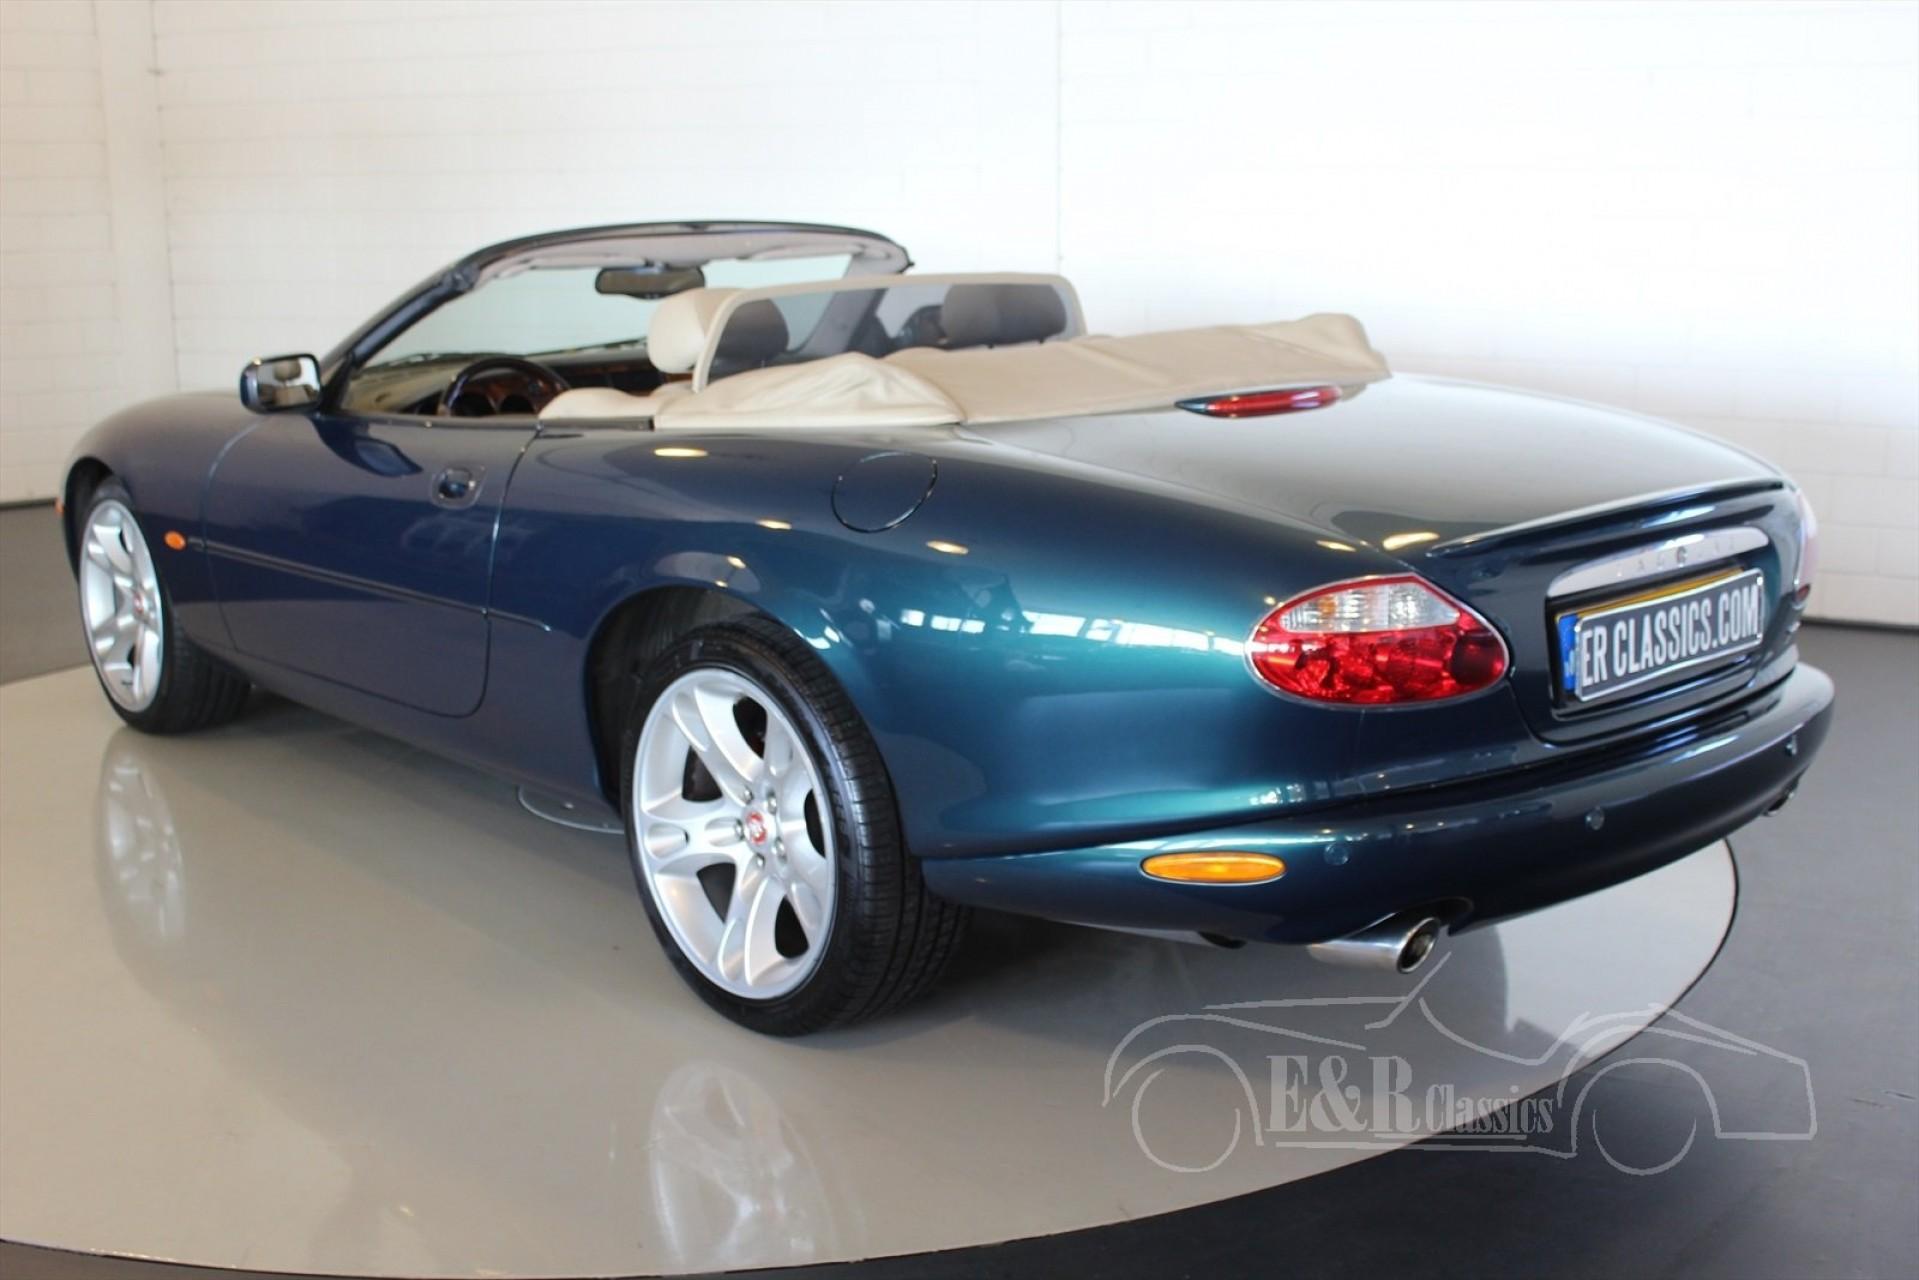 jaguar xkr 2002 for sale at erclassics. Black Bedroom Furniture Sets. Home Design Ideas